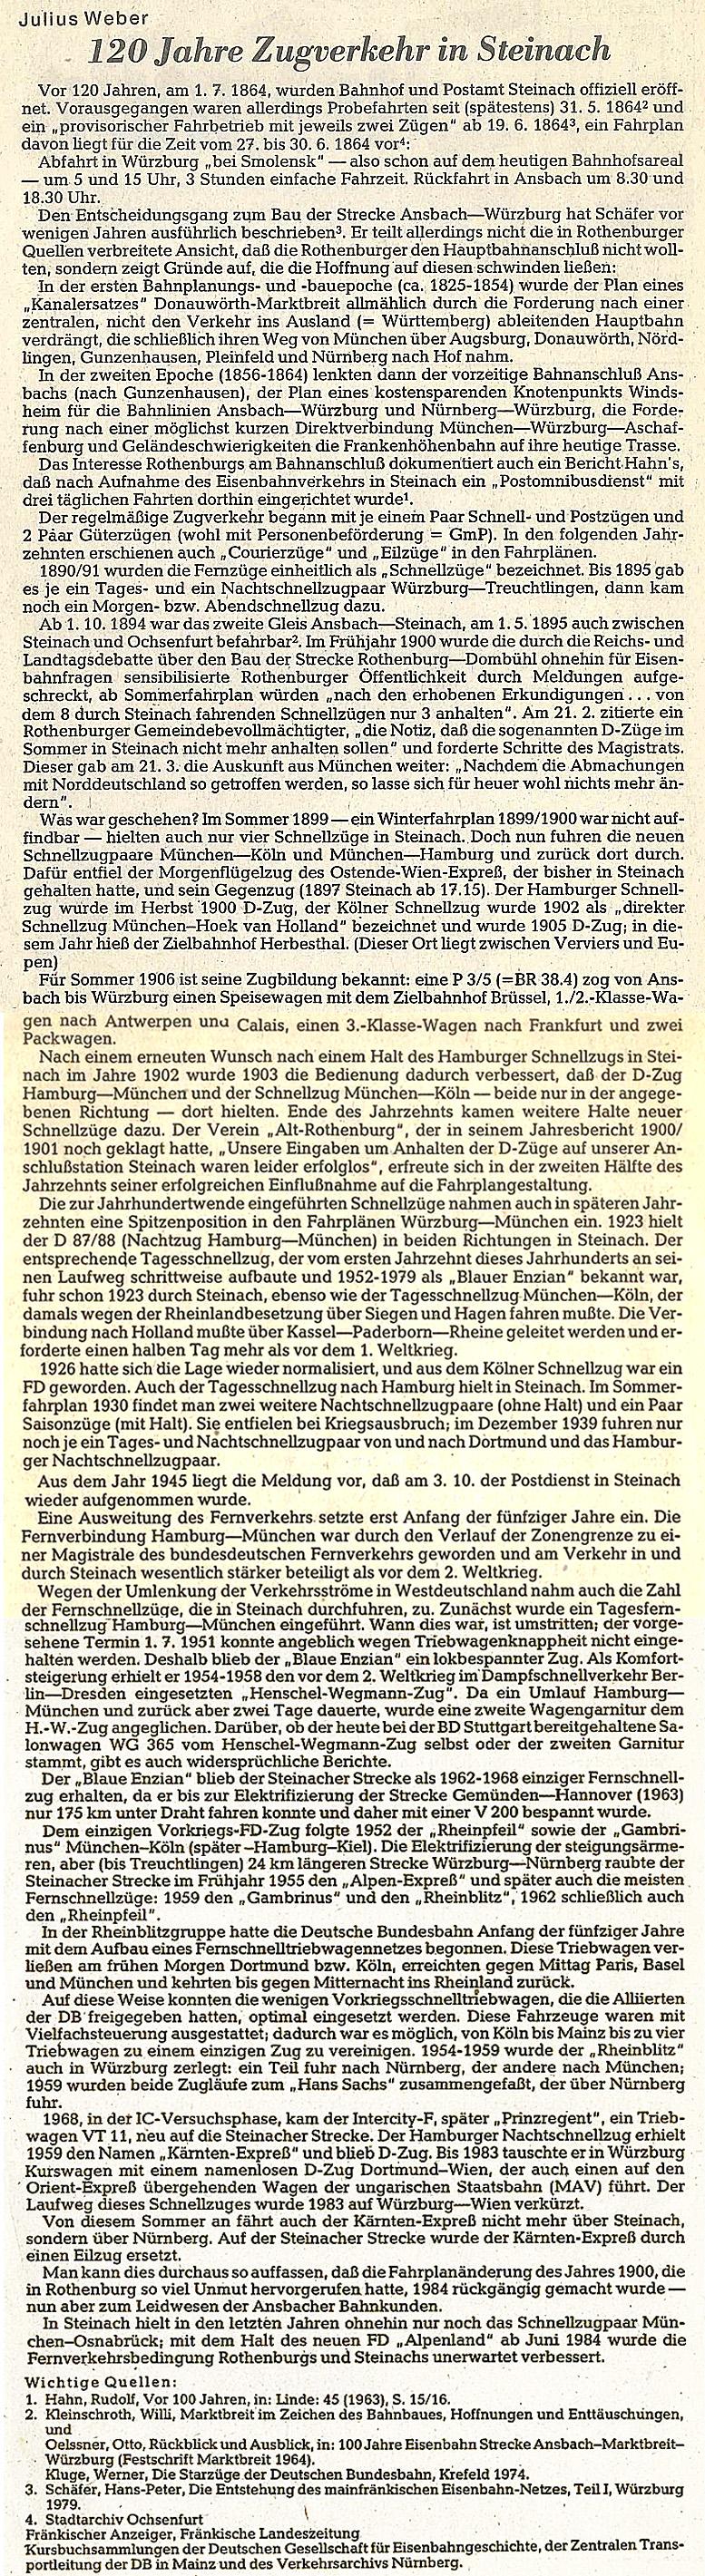 Bericht von J. Weber 1984